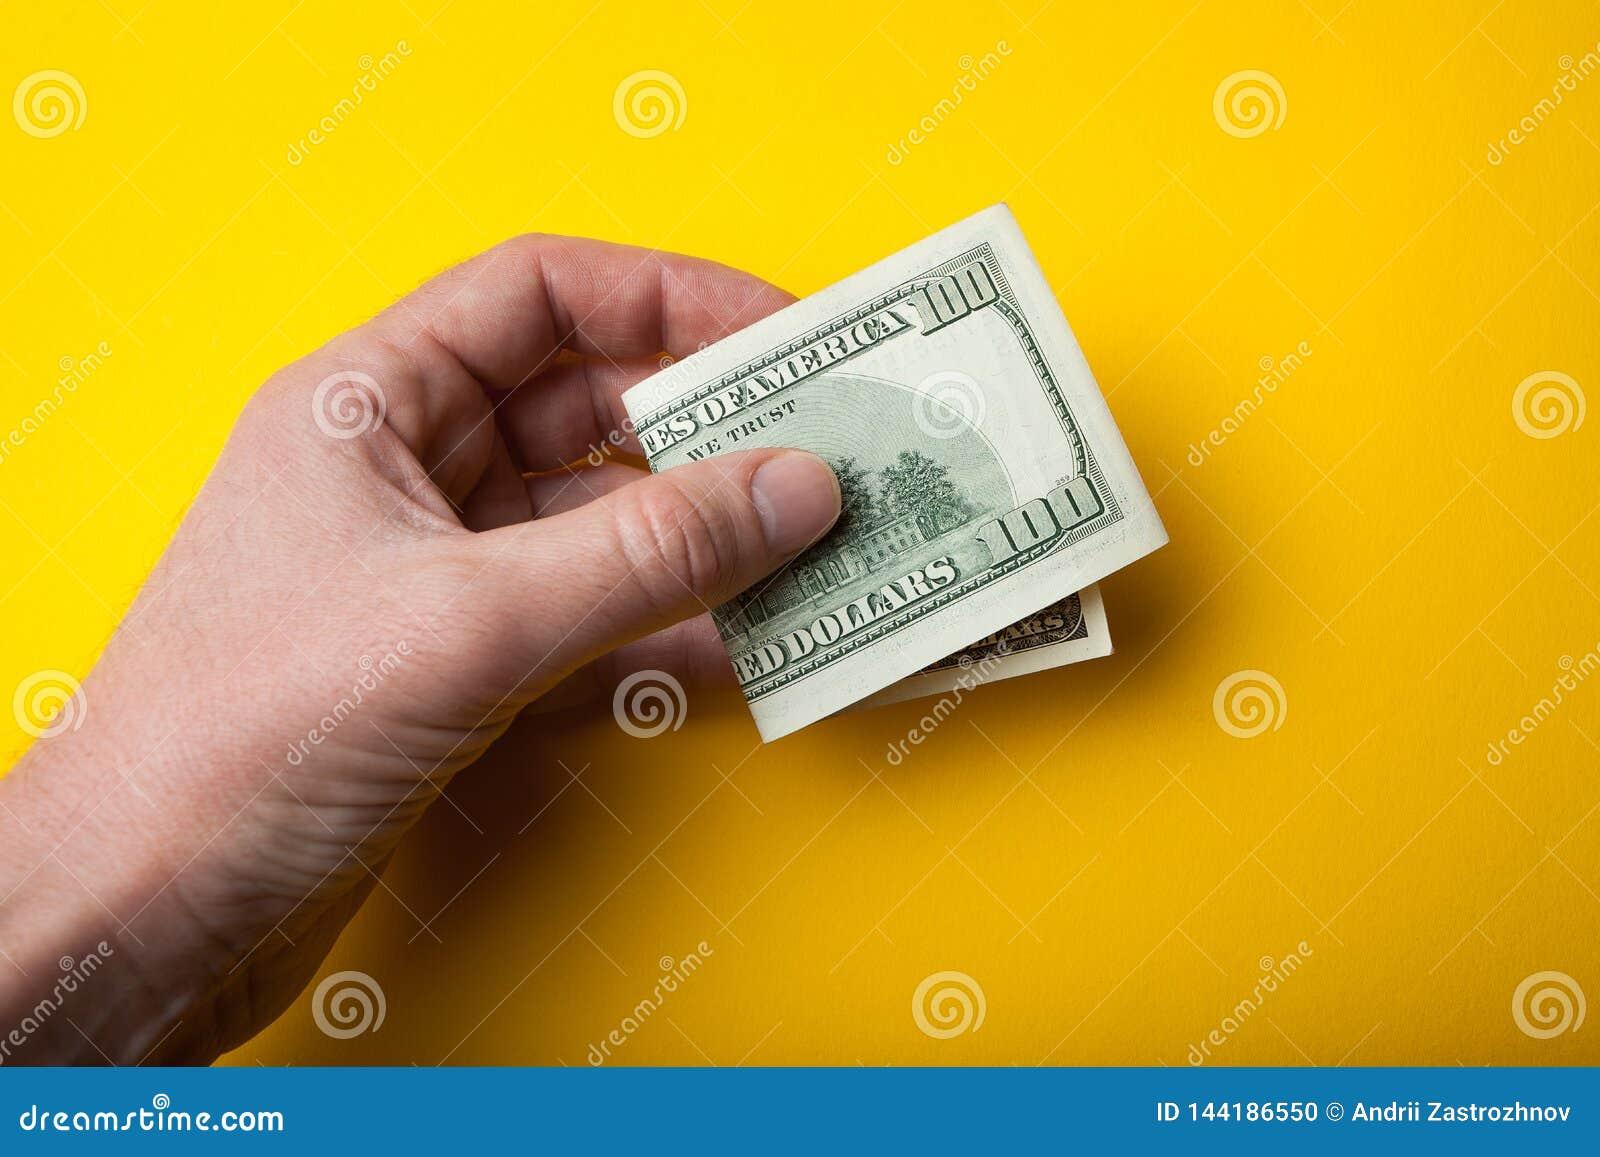 Doblado cientos billetes de dólar a disposición en un fondo, una venta o una compra amarilla